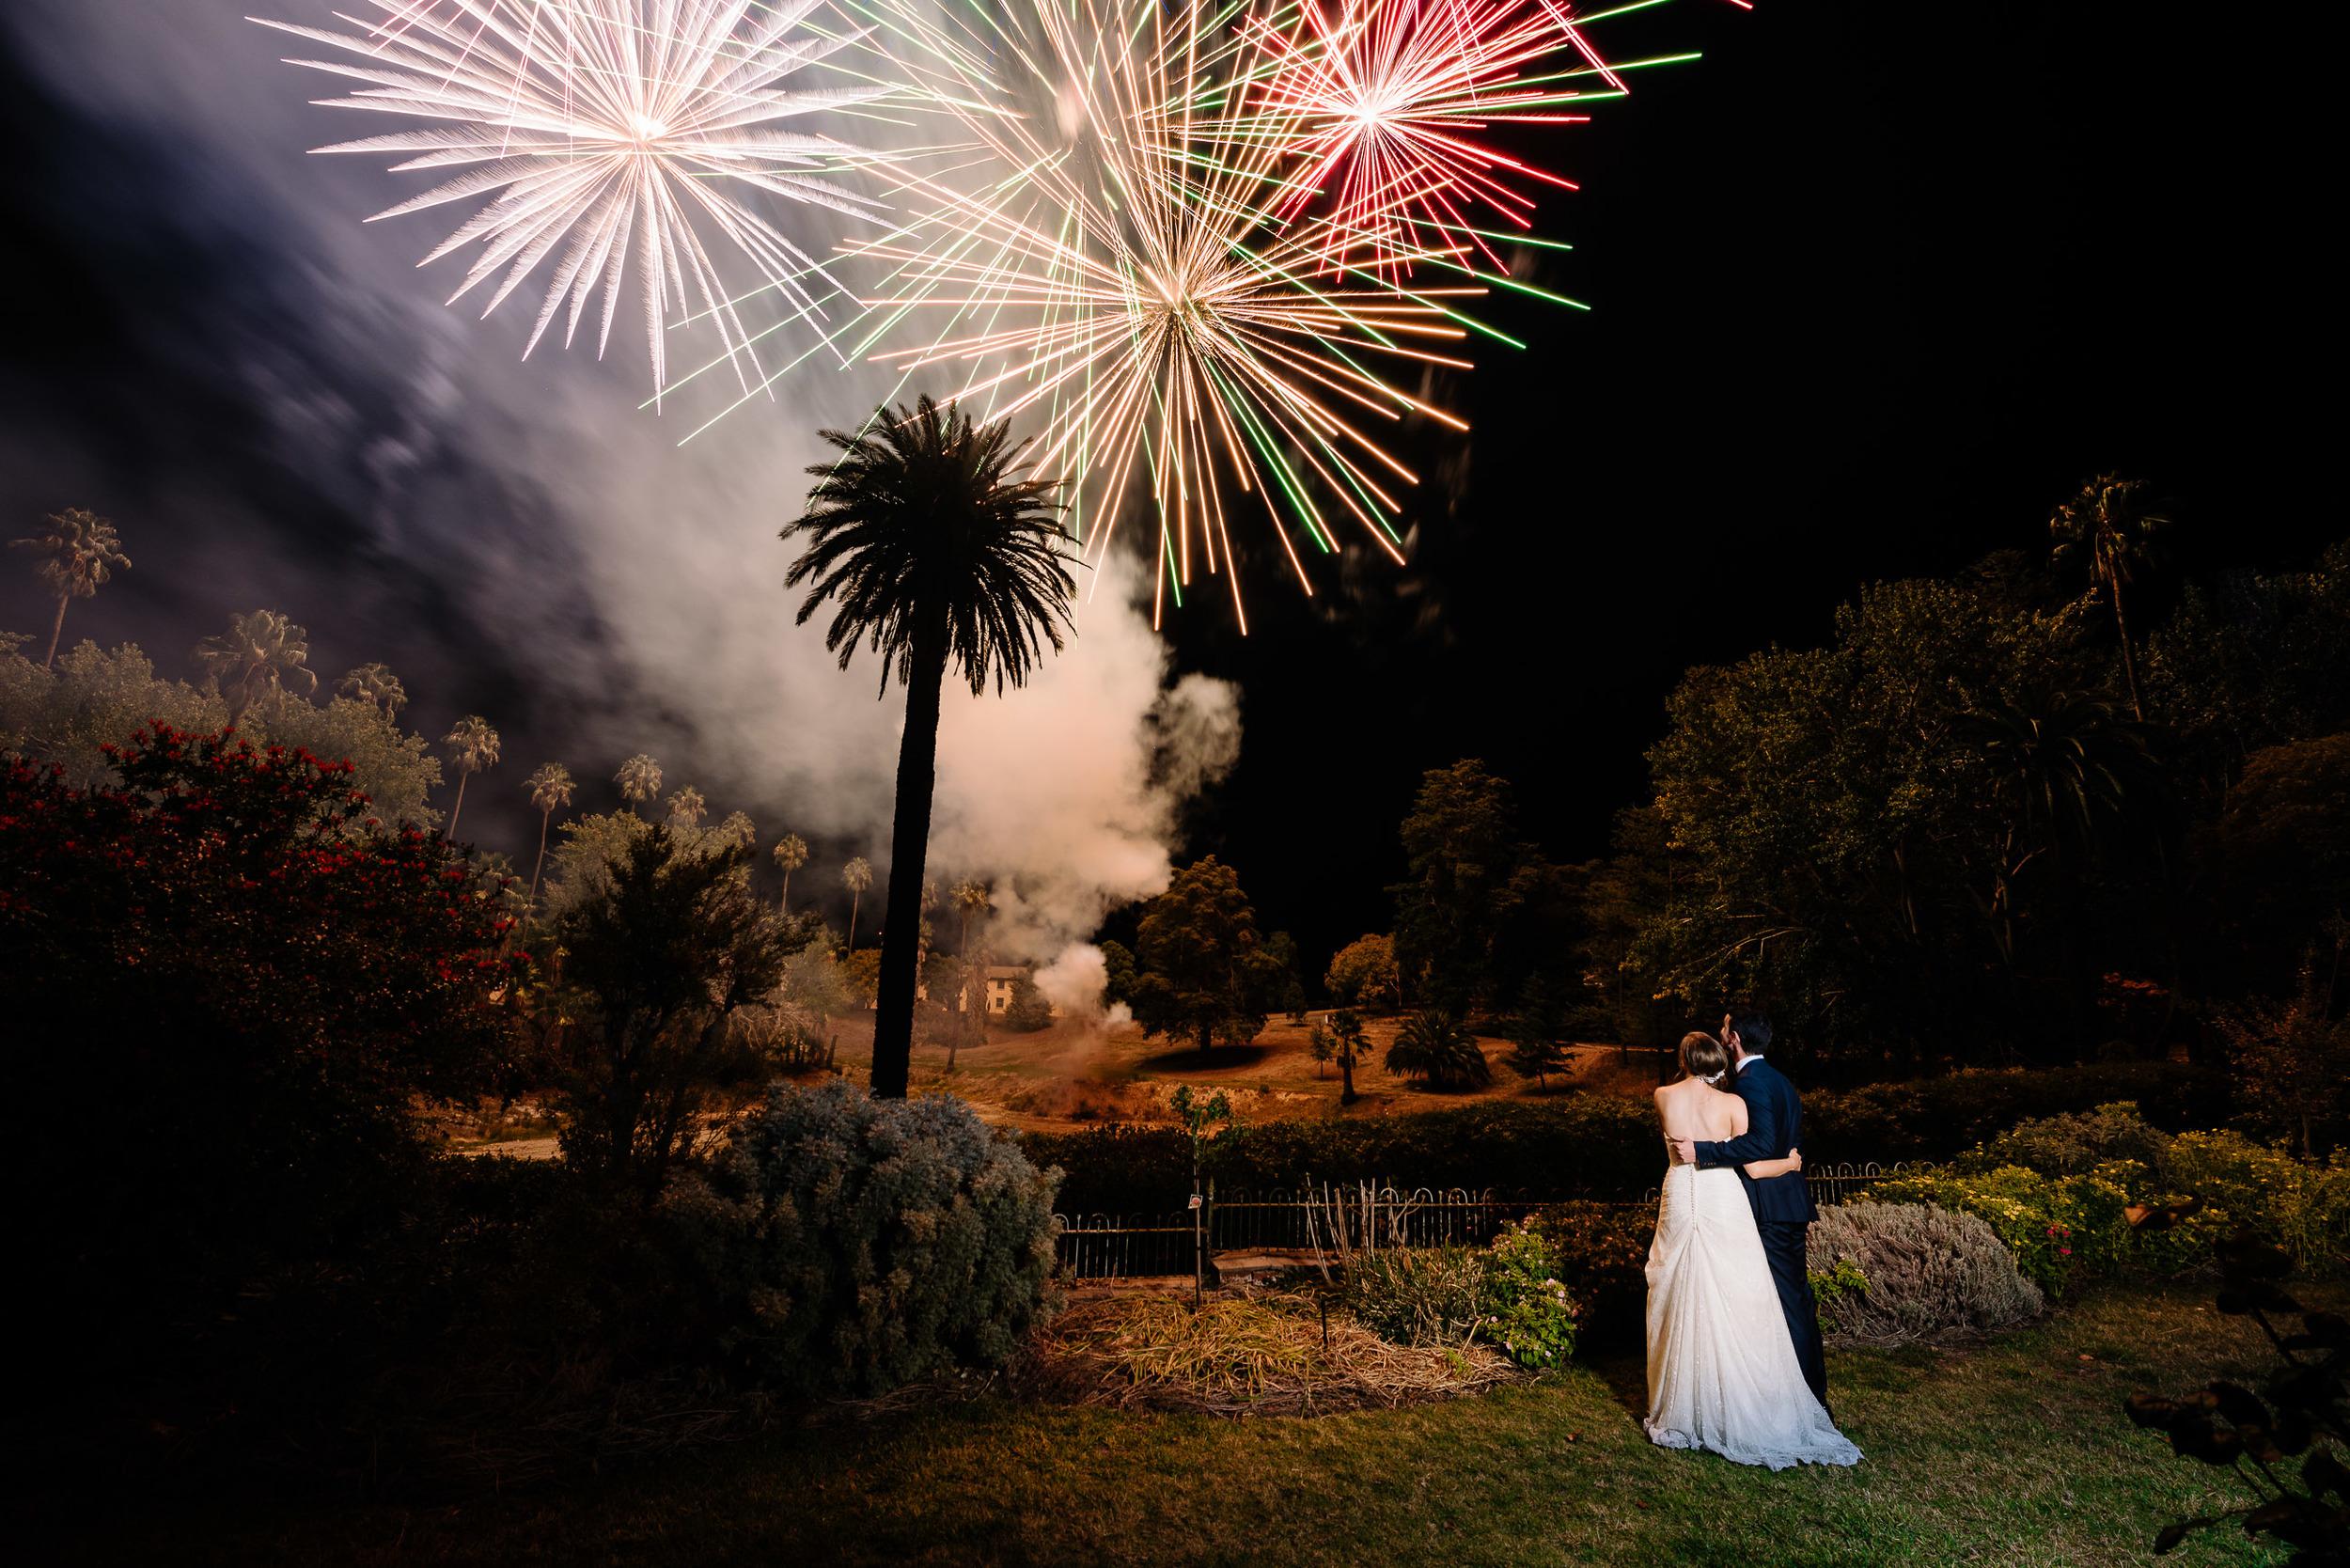 Fireworks at Fortuna Villa Wedding in Bendigo